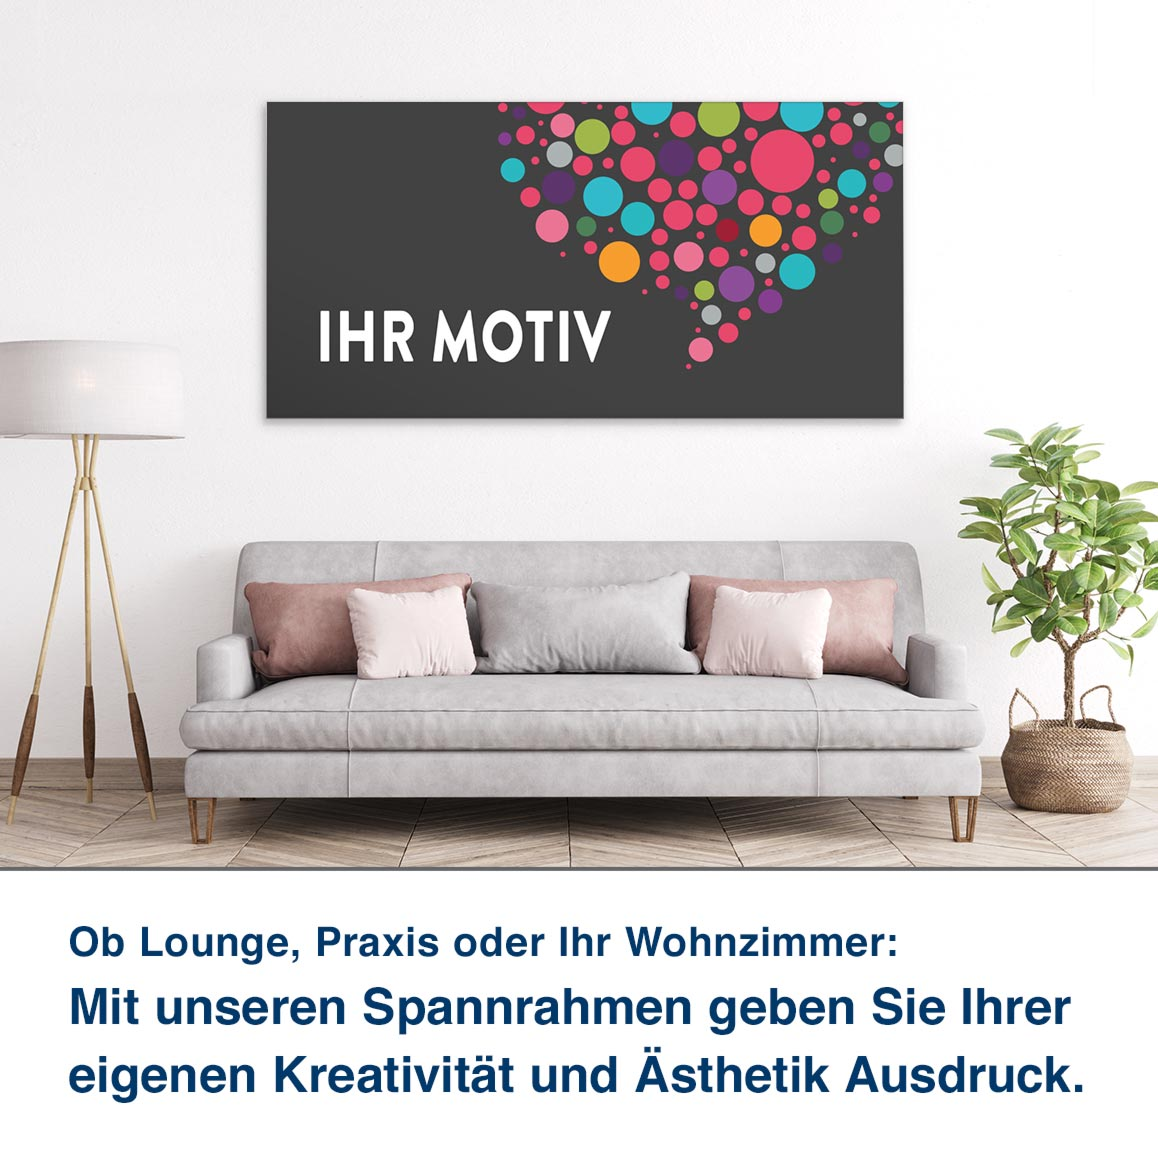 Ob Lounge, Praxis oder Ihr Wohnzimmer:  Mit unseren Spannrahmen geben Sie Ihrer eigenen Kreativität und Ästhetik Ausdruck.